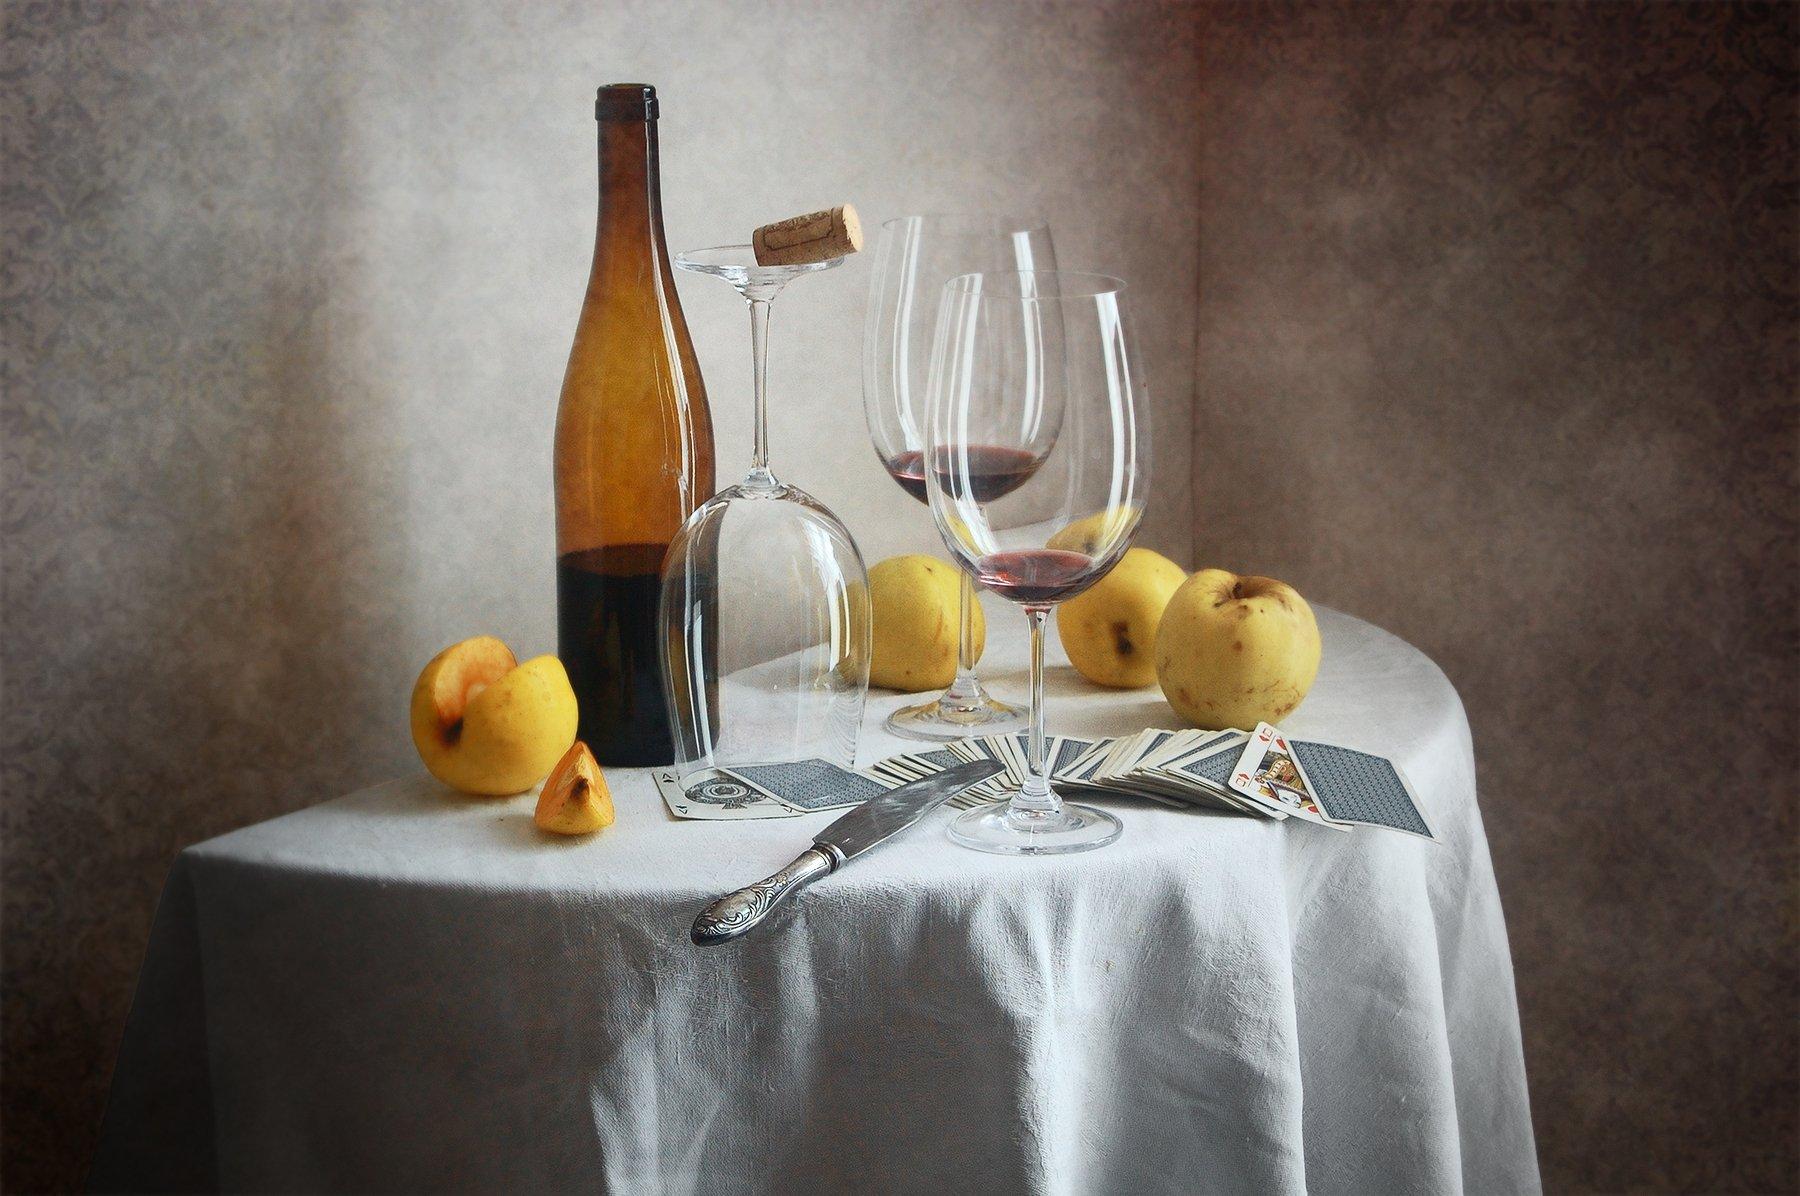 Классический, натюрморт, желтые, осенние, яблоки, бутылка вина, бокал, игральные карты, белый, скатерть, домашний, интерьер, Николай Панов